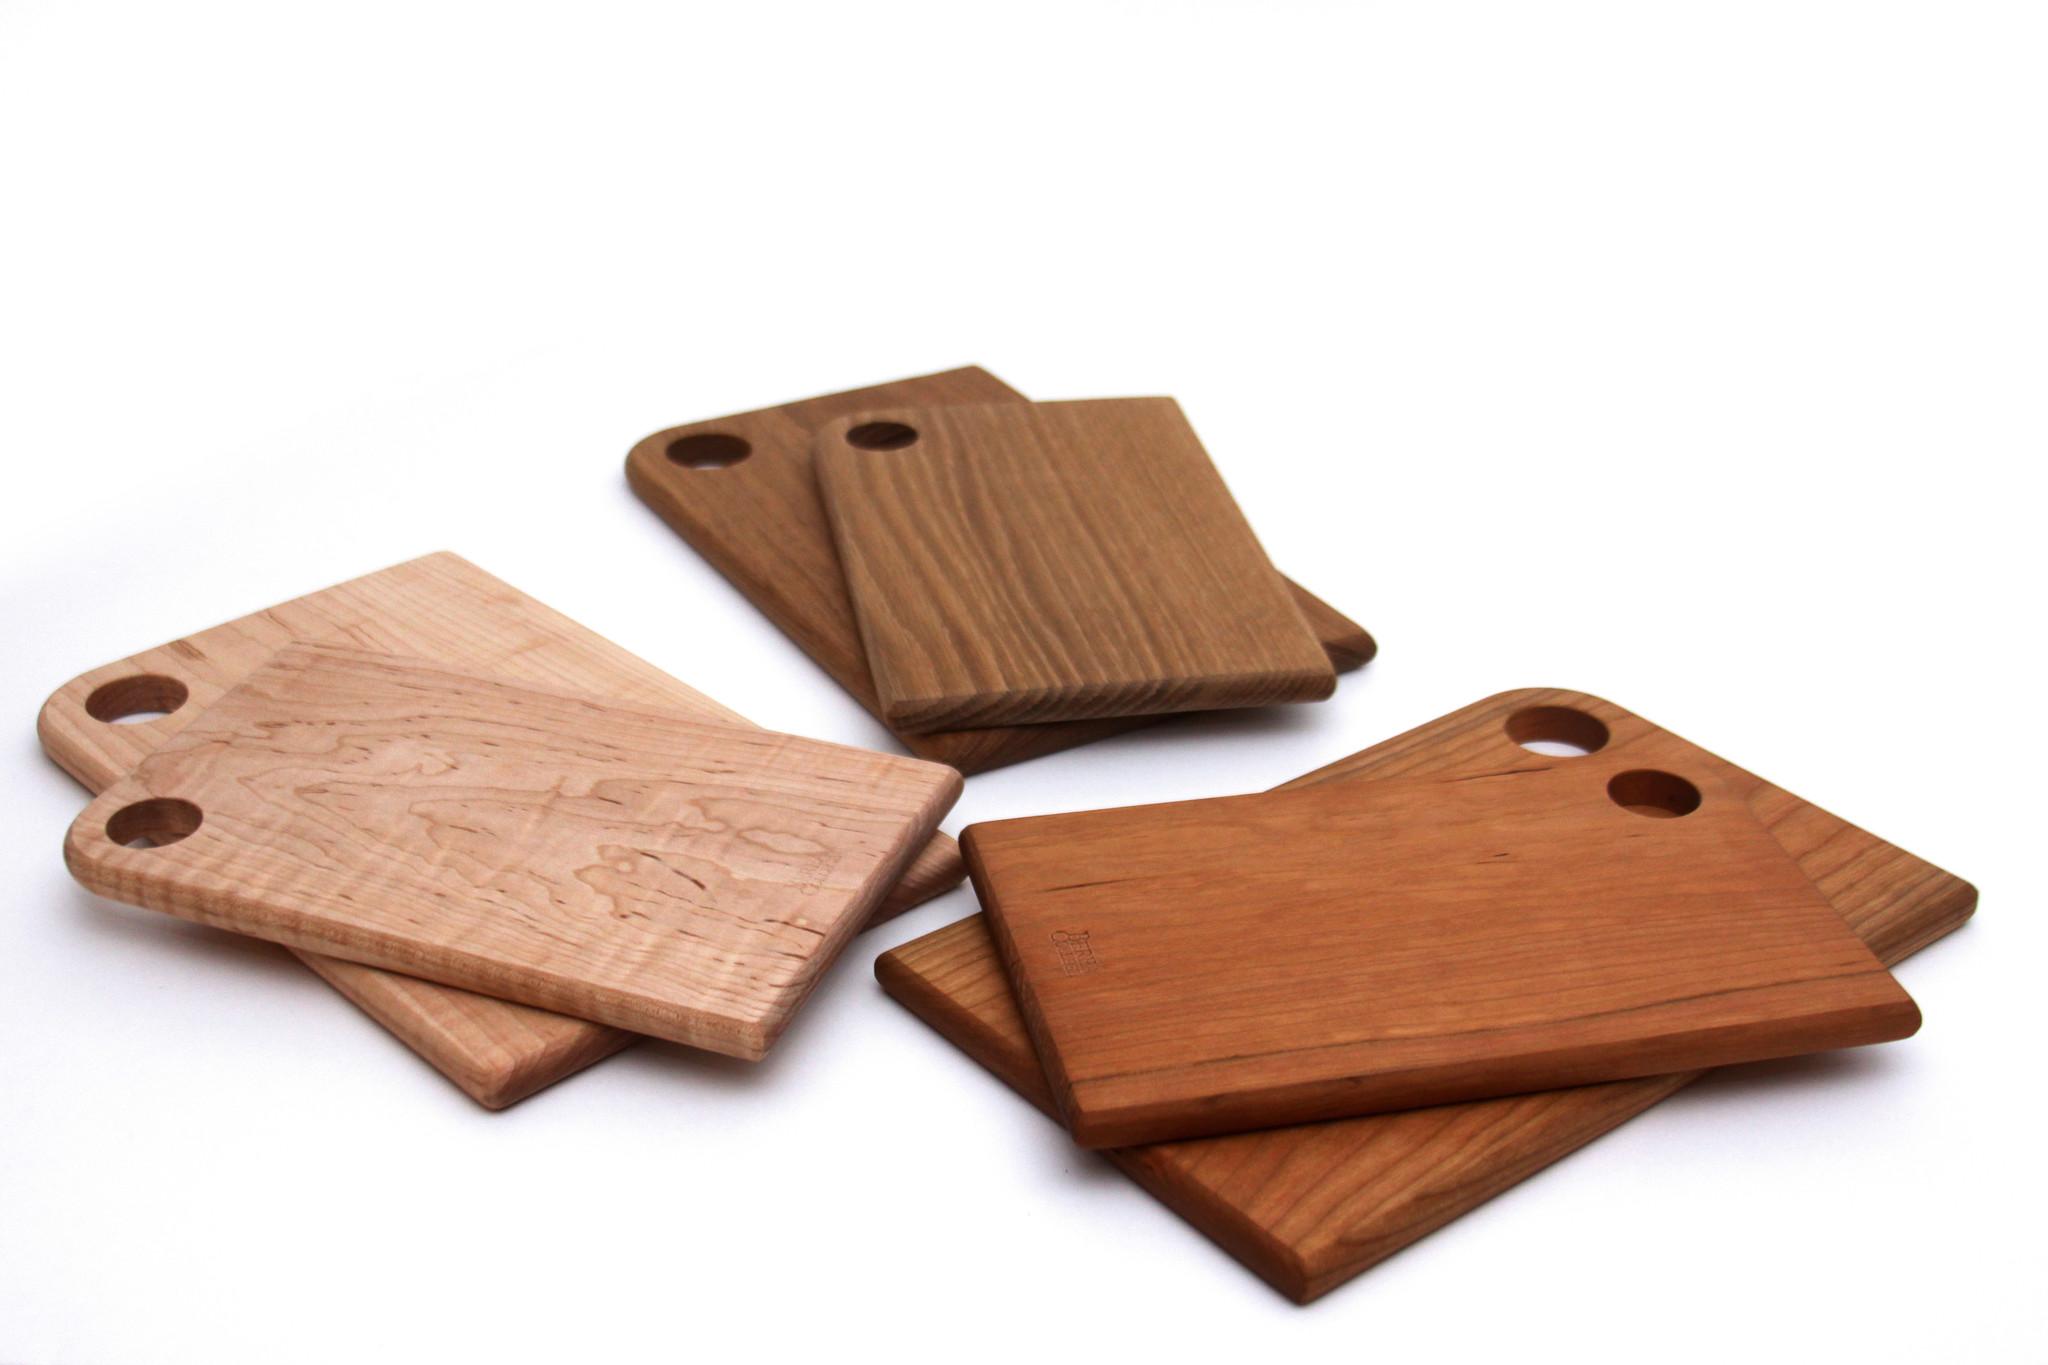 Choppy Cutting Board